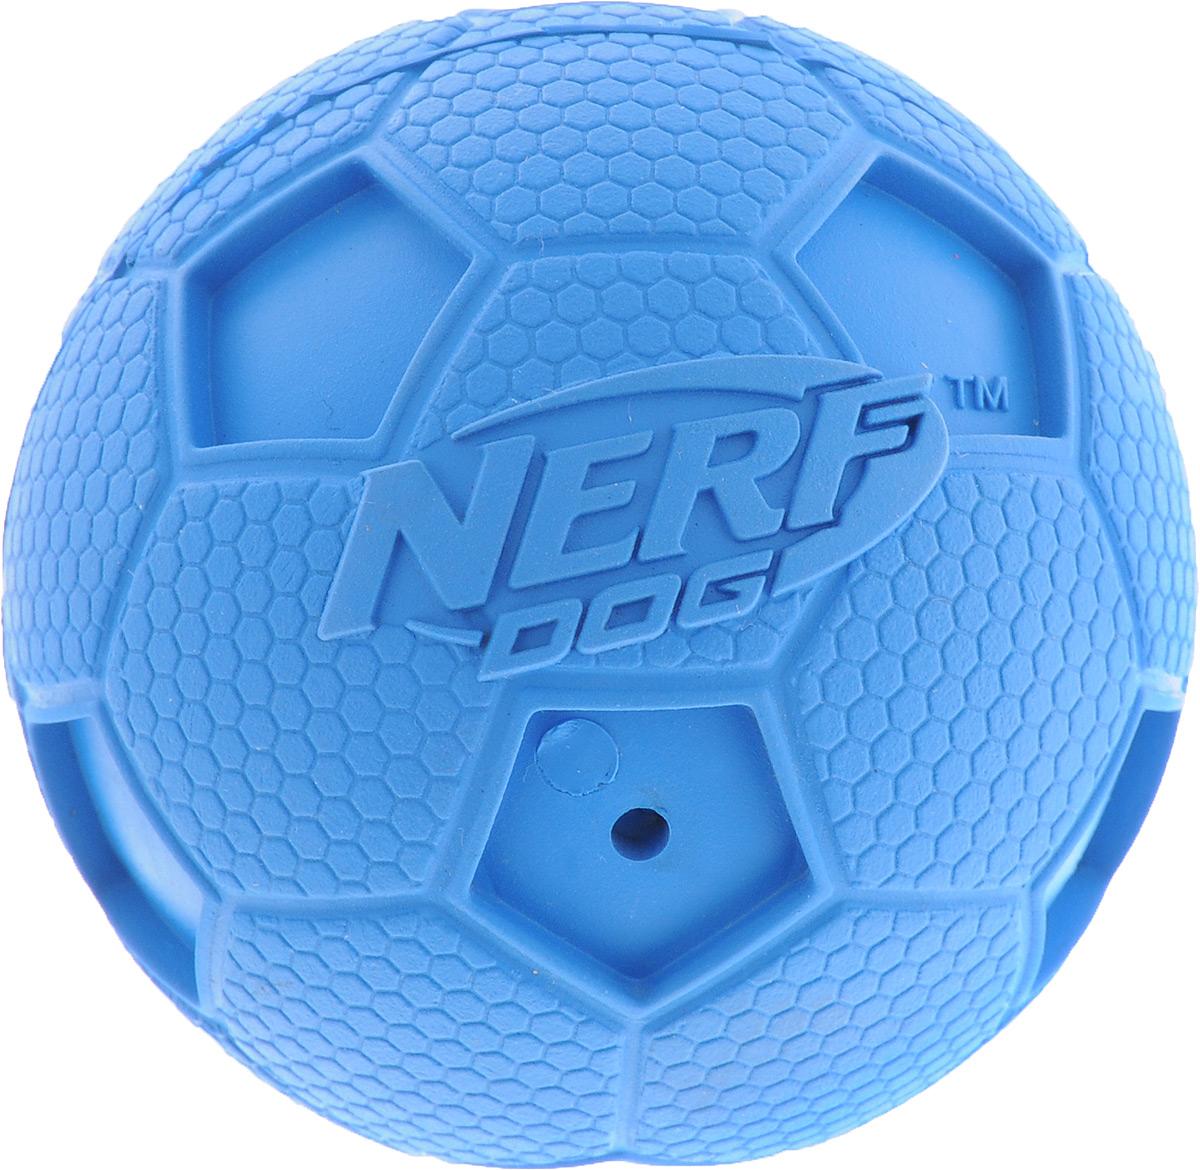 Игрушка для собак Nerf Мяч футбольный, с пищалкой, цвет: синий, диаметр 6 см игрушка для собак nerf булава с пищалкой 17 5 см